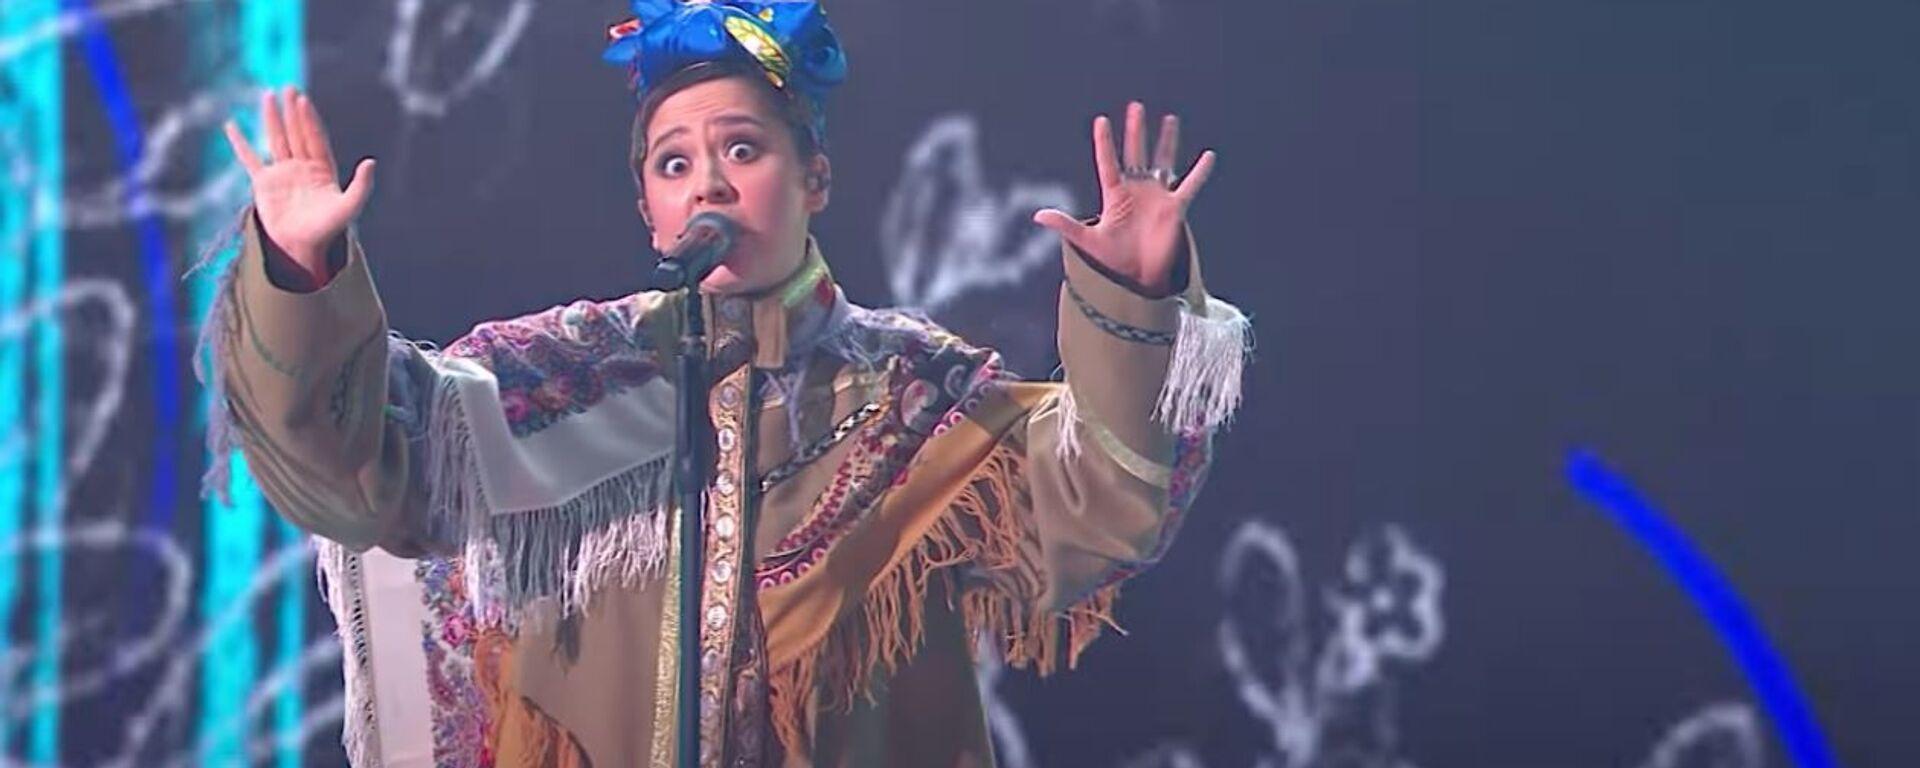 Кадр из выступления Манижи на Евровидении 2021 - Sputnik Таджикистан, 1920, 23.03.2021